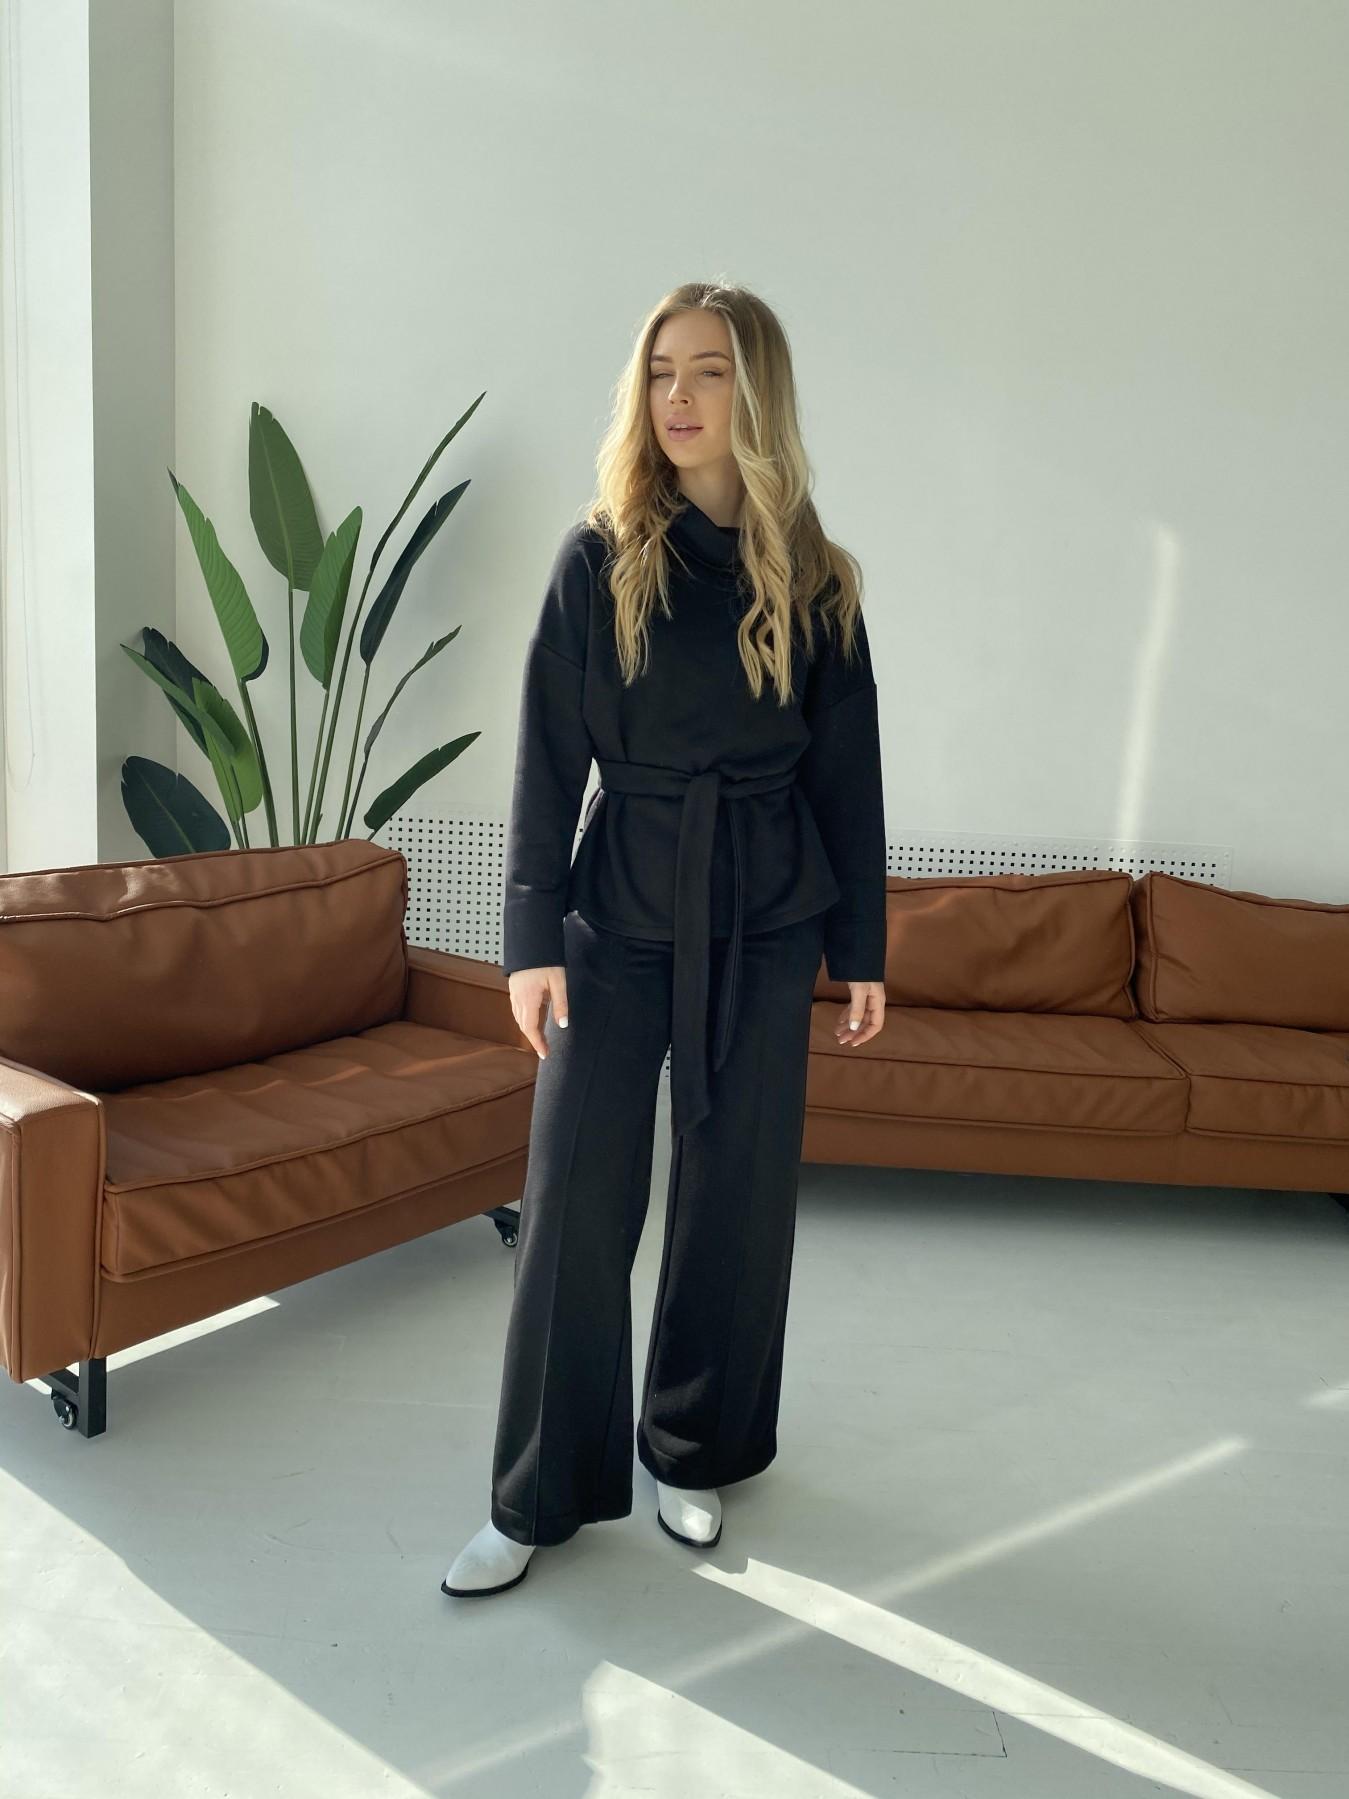 Джаст костюм Oversize  3х нитка 10564 АРТ. 47243 Цвет: Черный - фото 7, интернет магазин tm-modus.ru